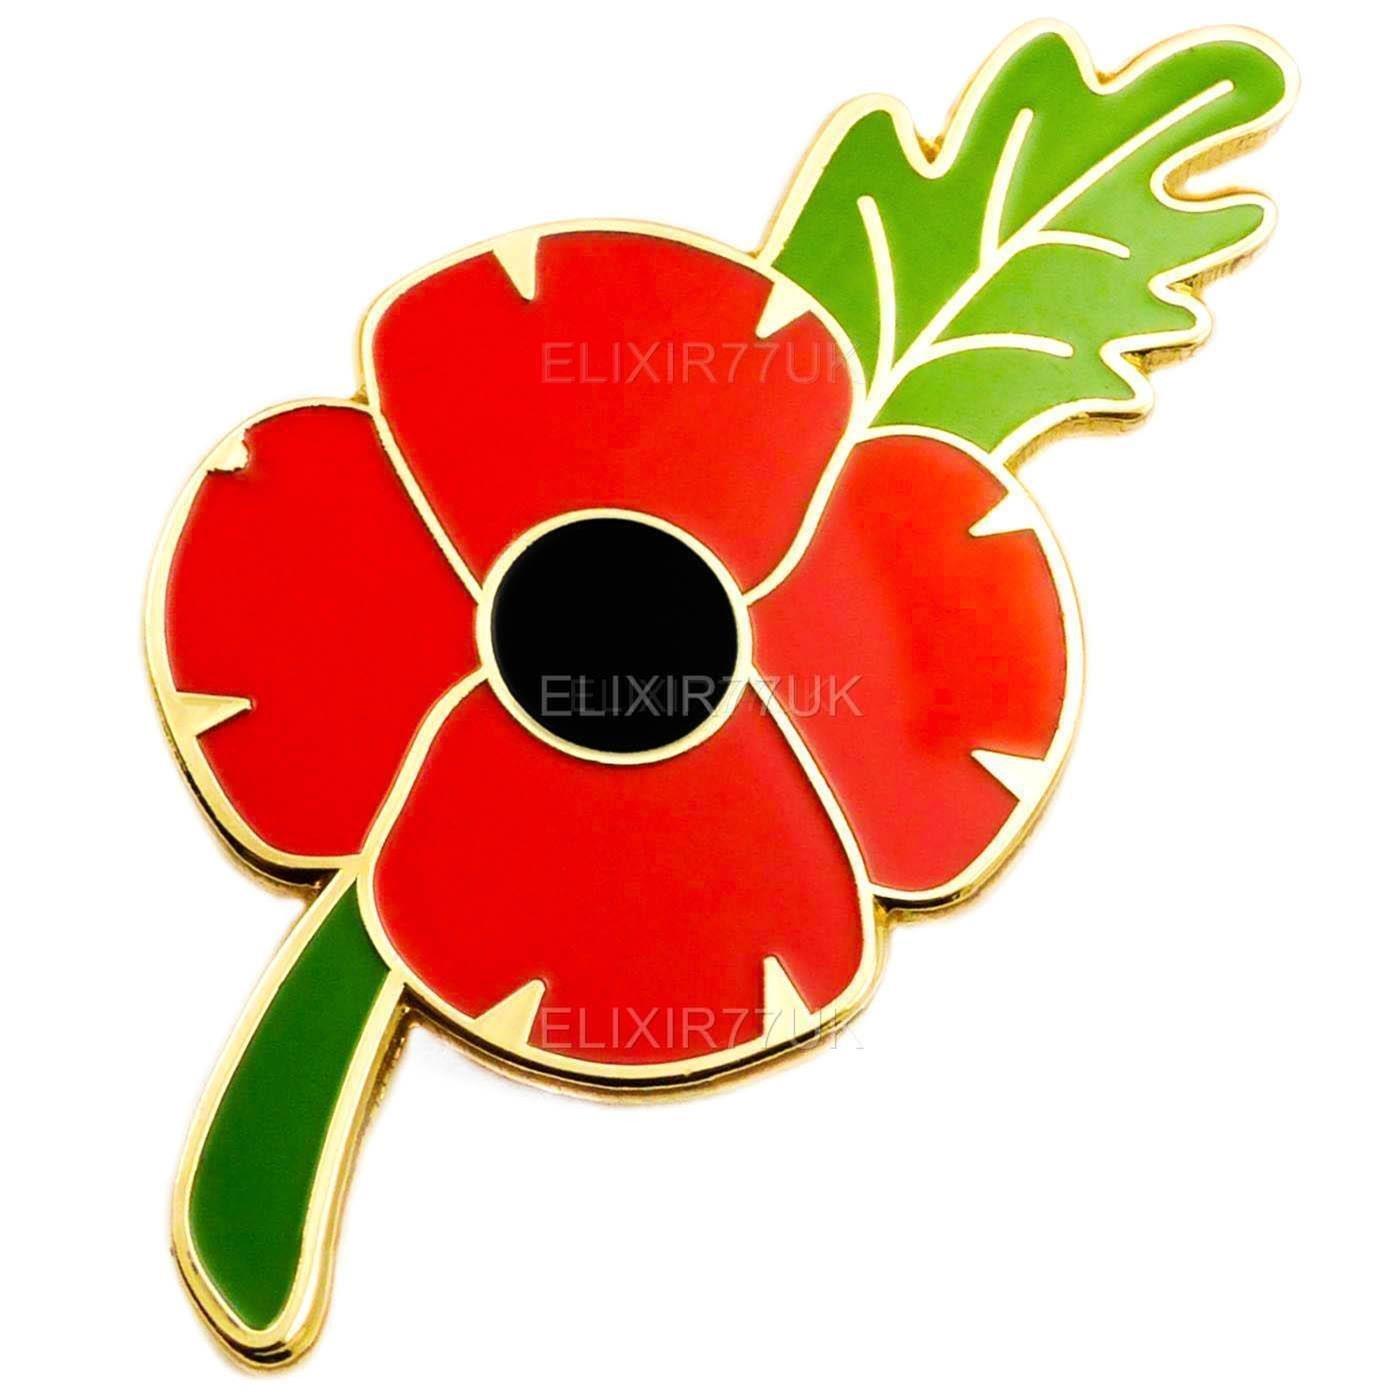 Britishpaper New Large Red Poppy Flower Lapel Pin Enamel Badges